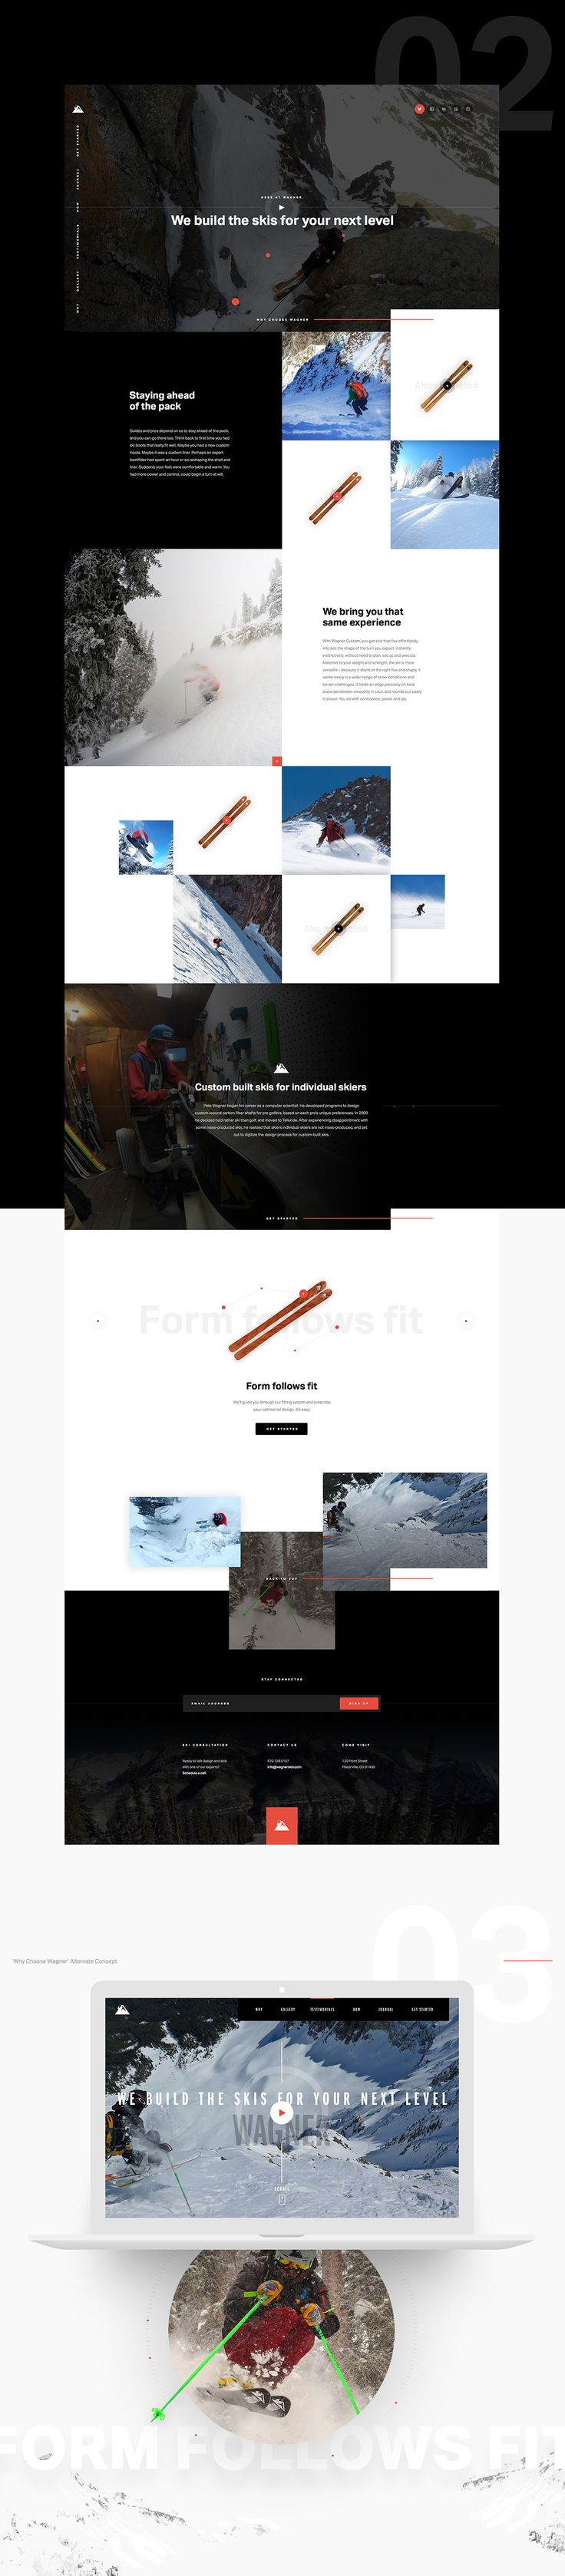 Wagner Skis on Web Design Served